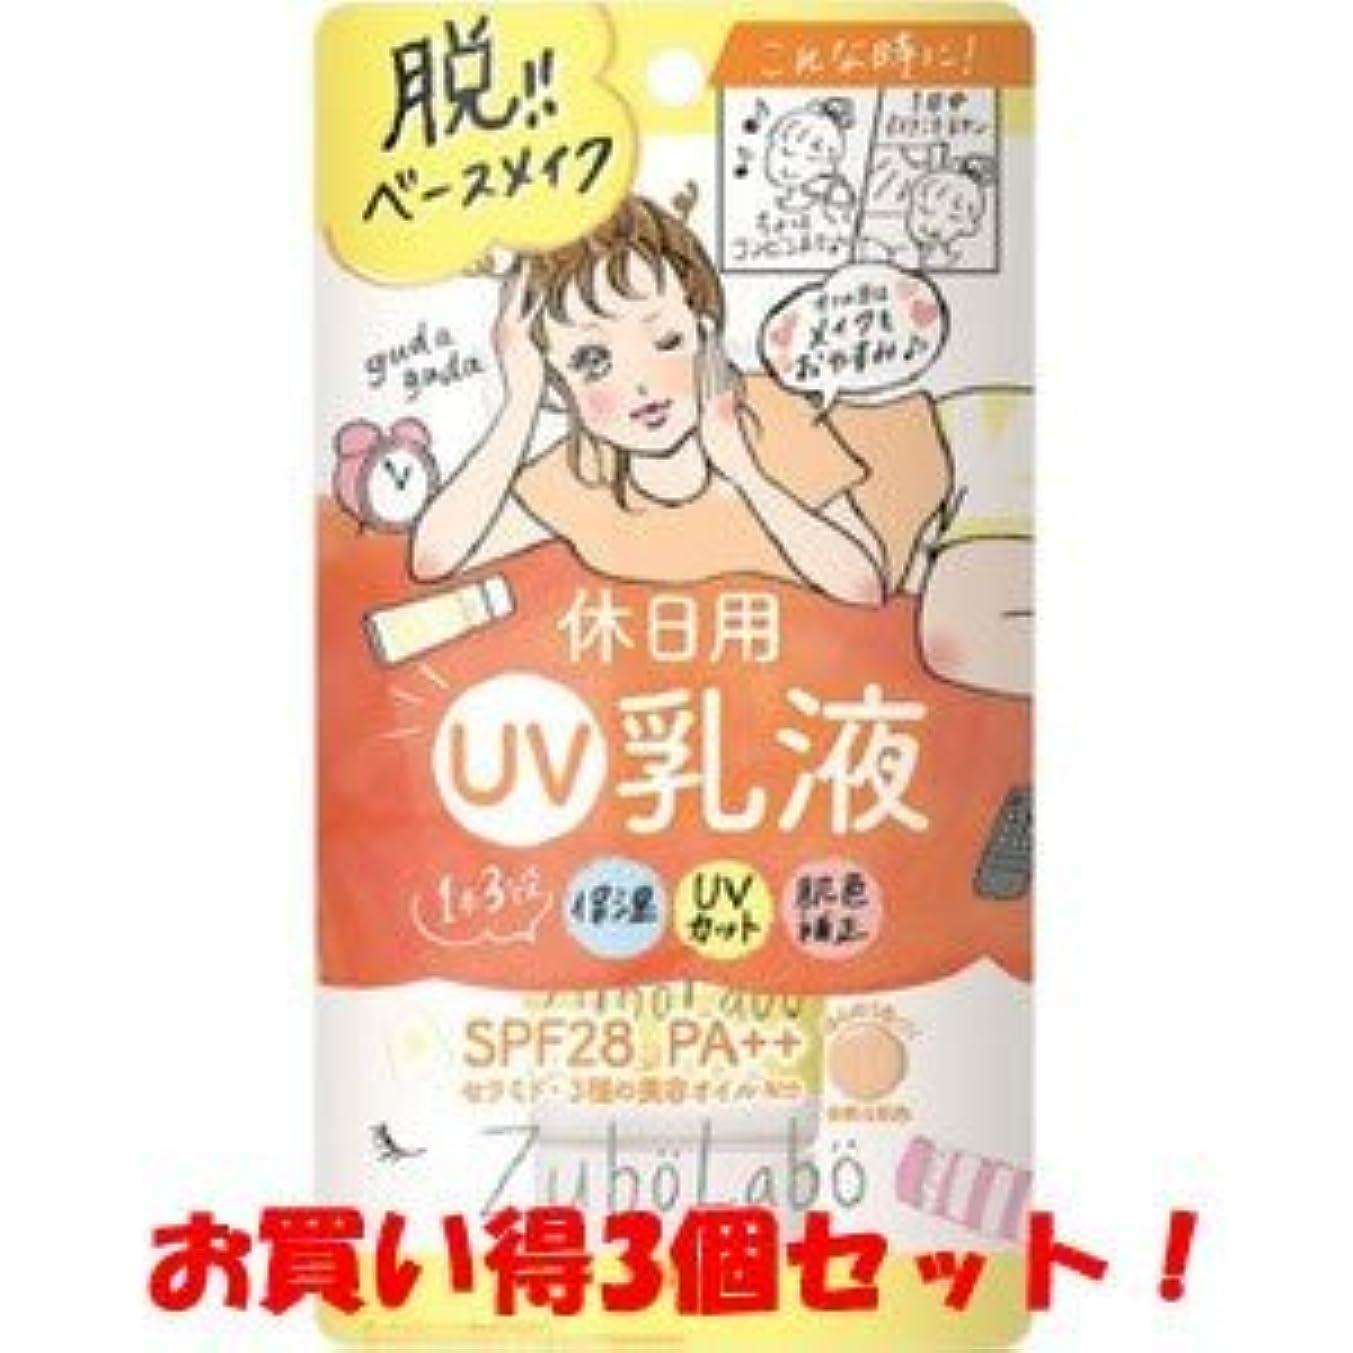 粘土ブロンズダイアクリティカルサナ(SANA)ズボラボ 休日用乳液 UV 60g/新商品/(お買い得3個セット)